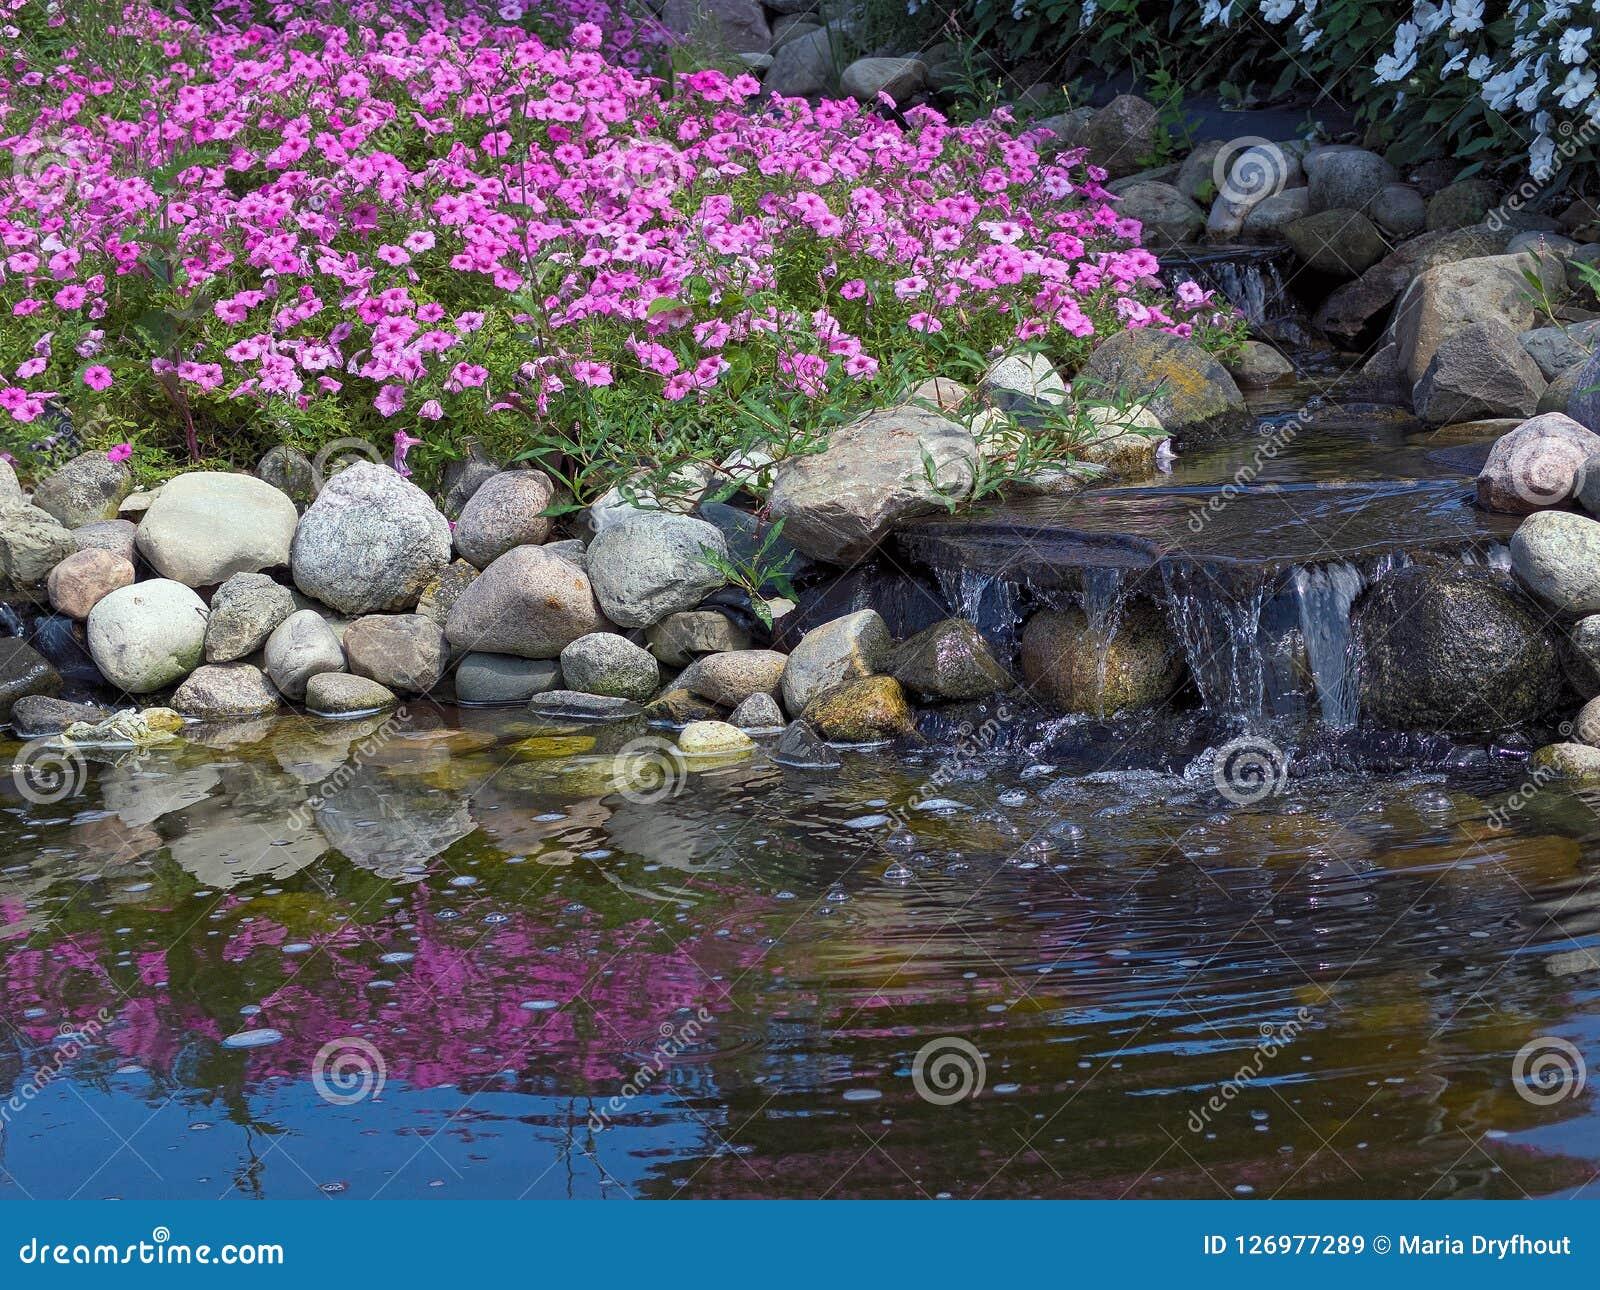 Petunias And Waterfalls In Rock Garden